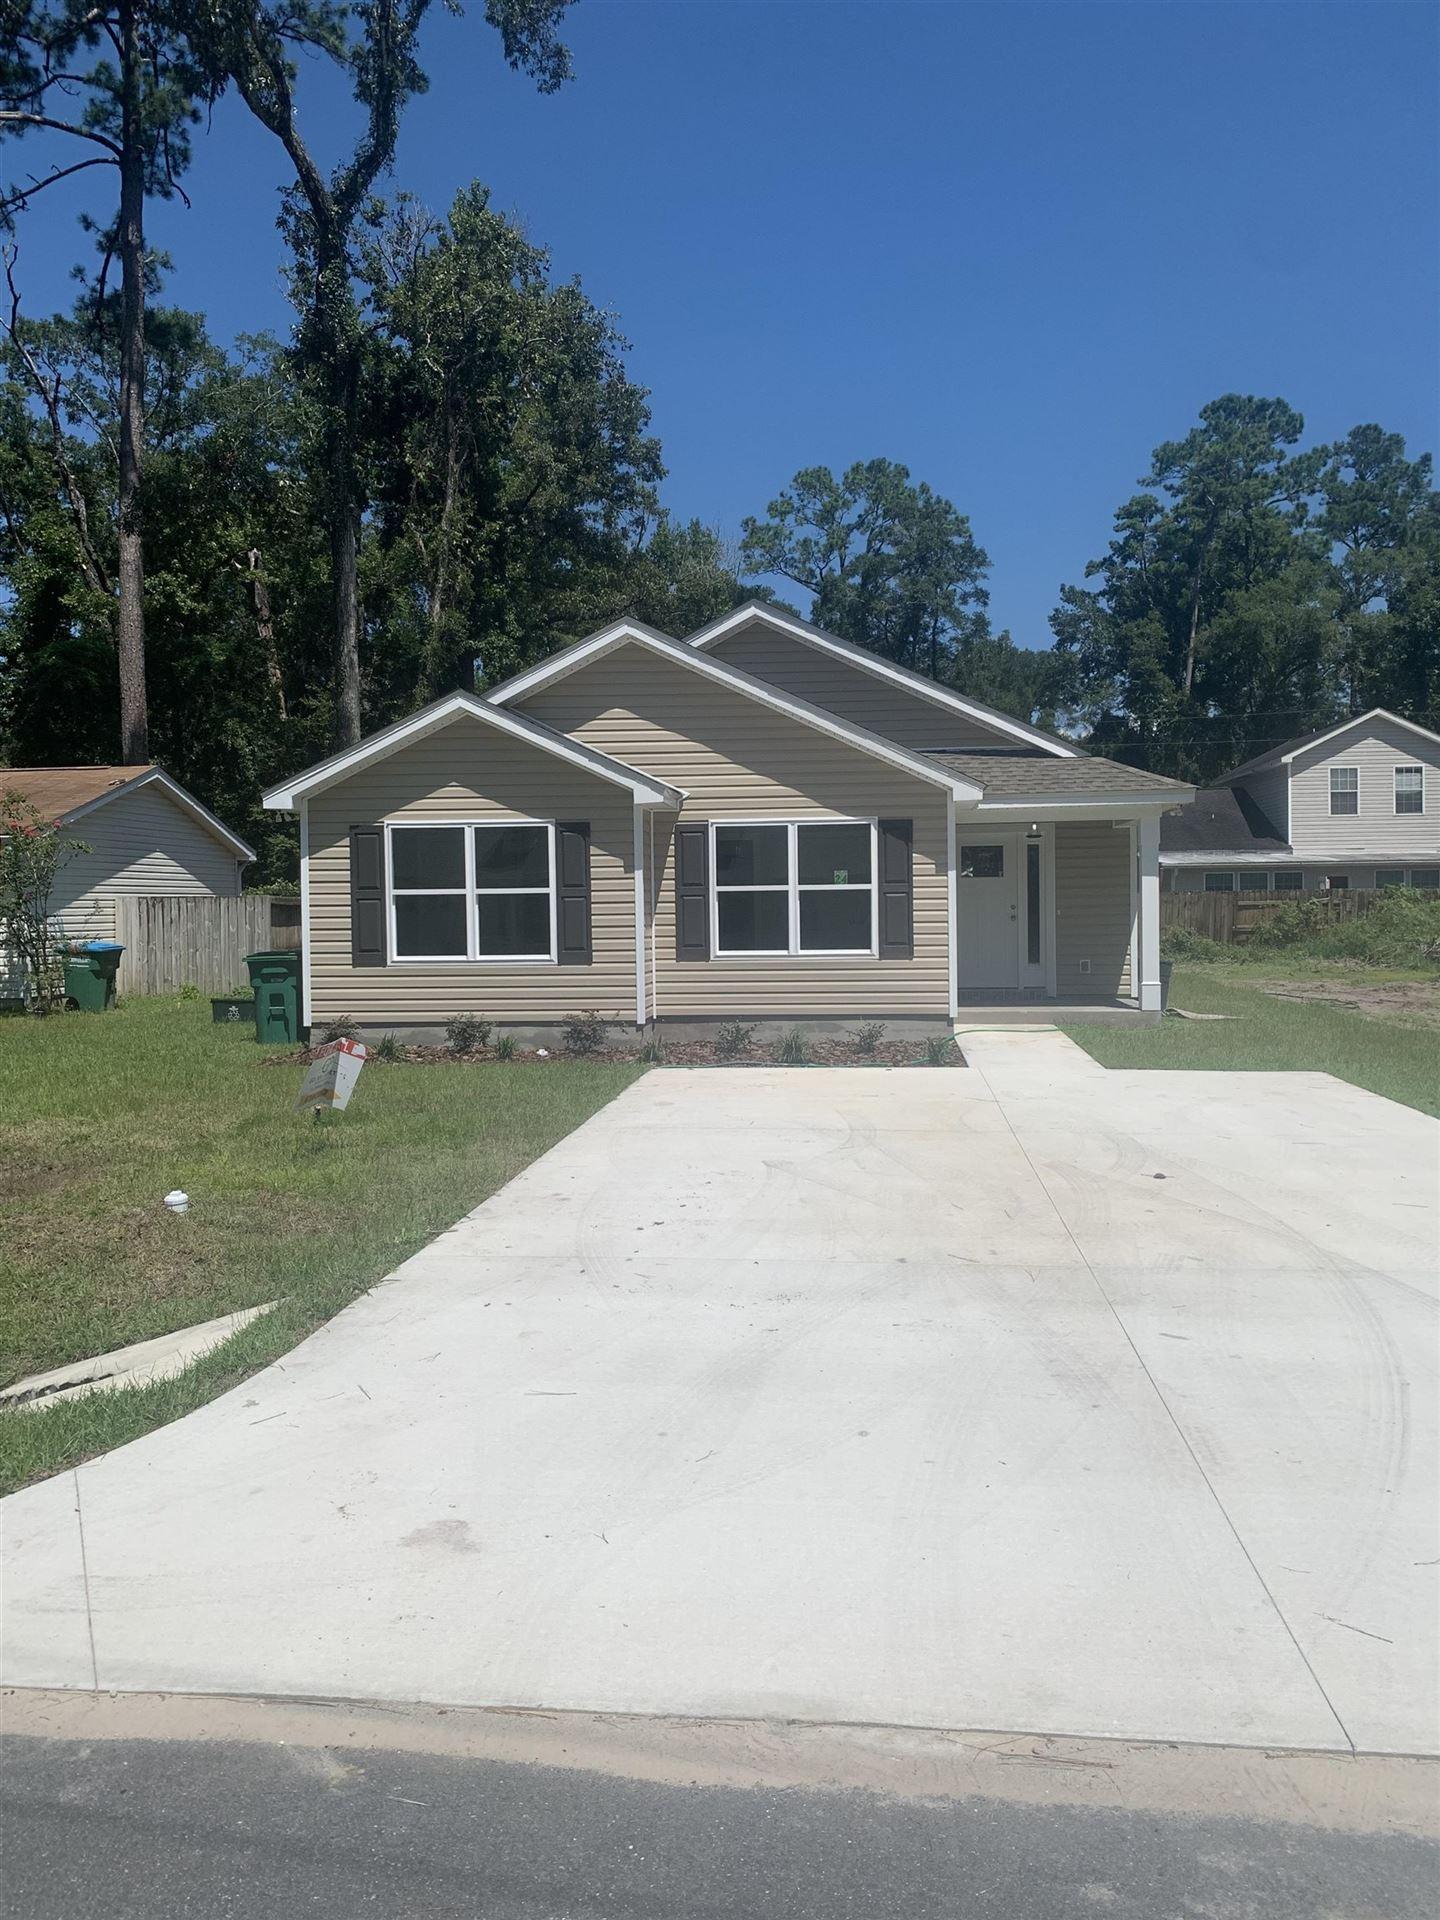 Lot 12 Susquehanna Trail, Crawfordville, FL 32327 - MLS#: 328620